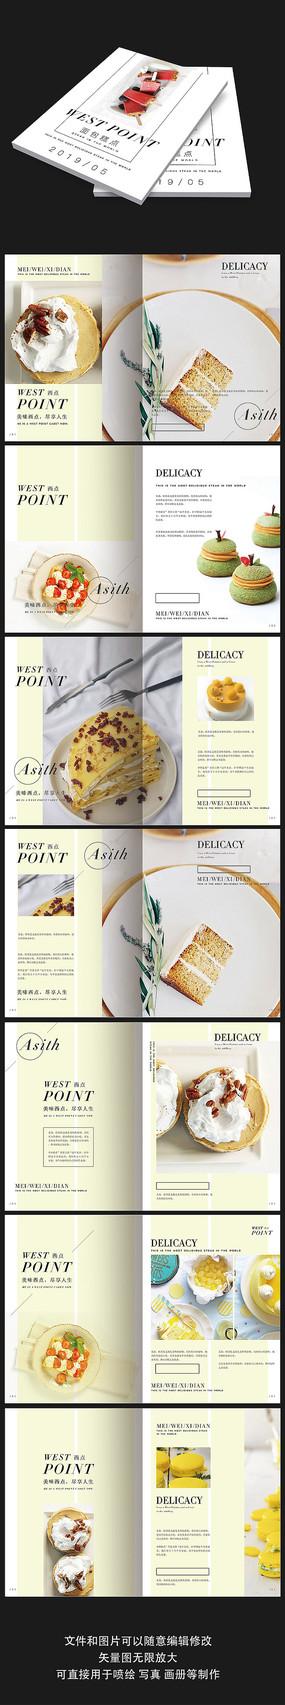 简洁大气面包糕点宣传画册模板